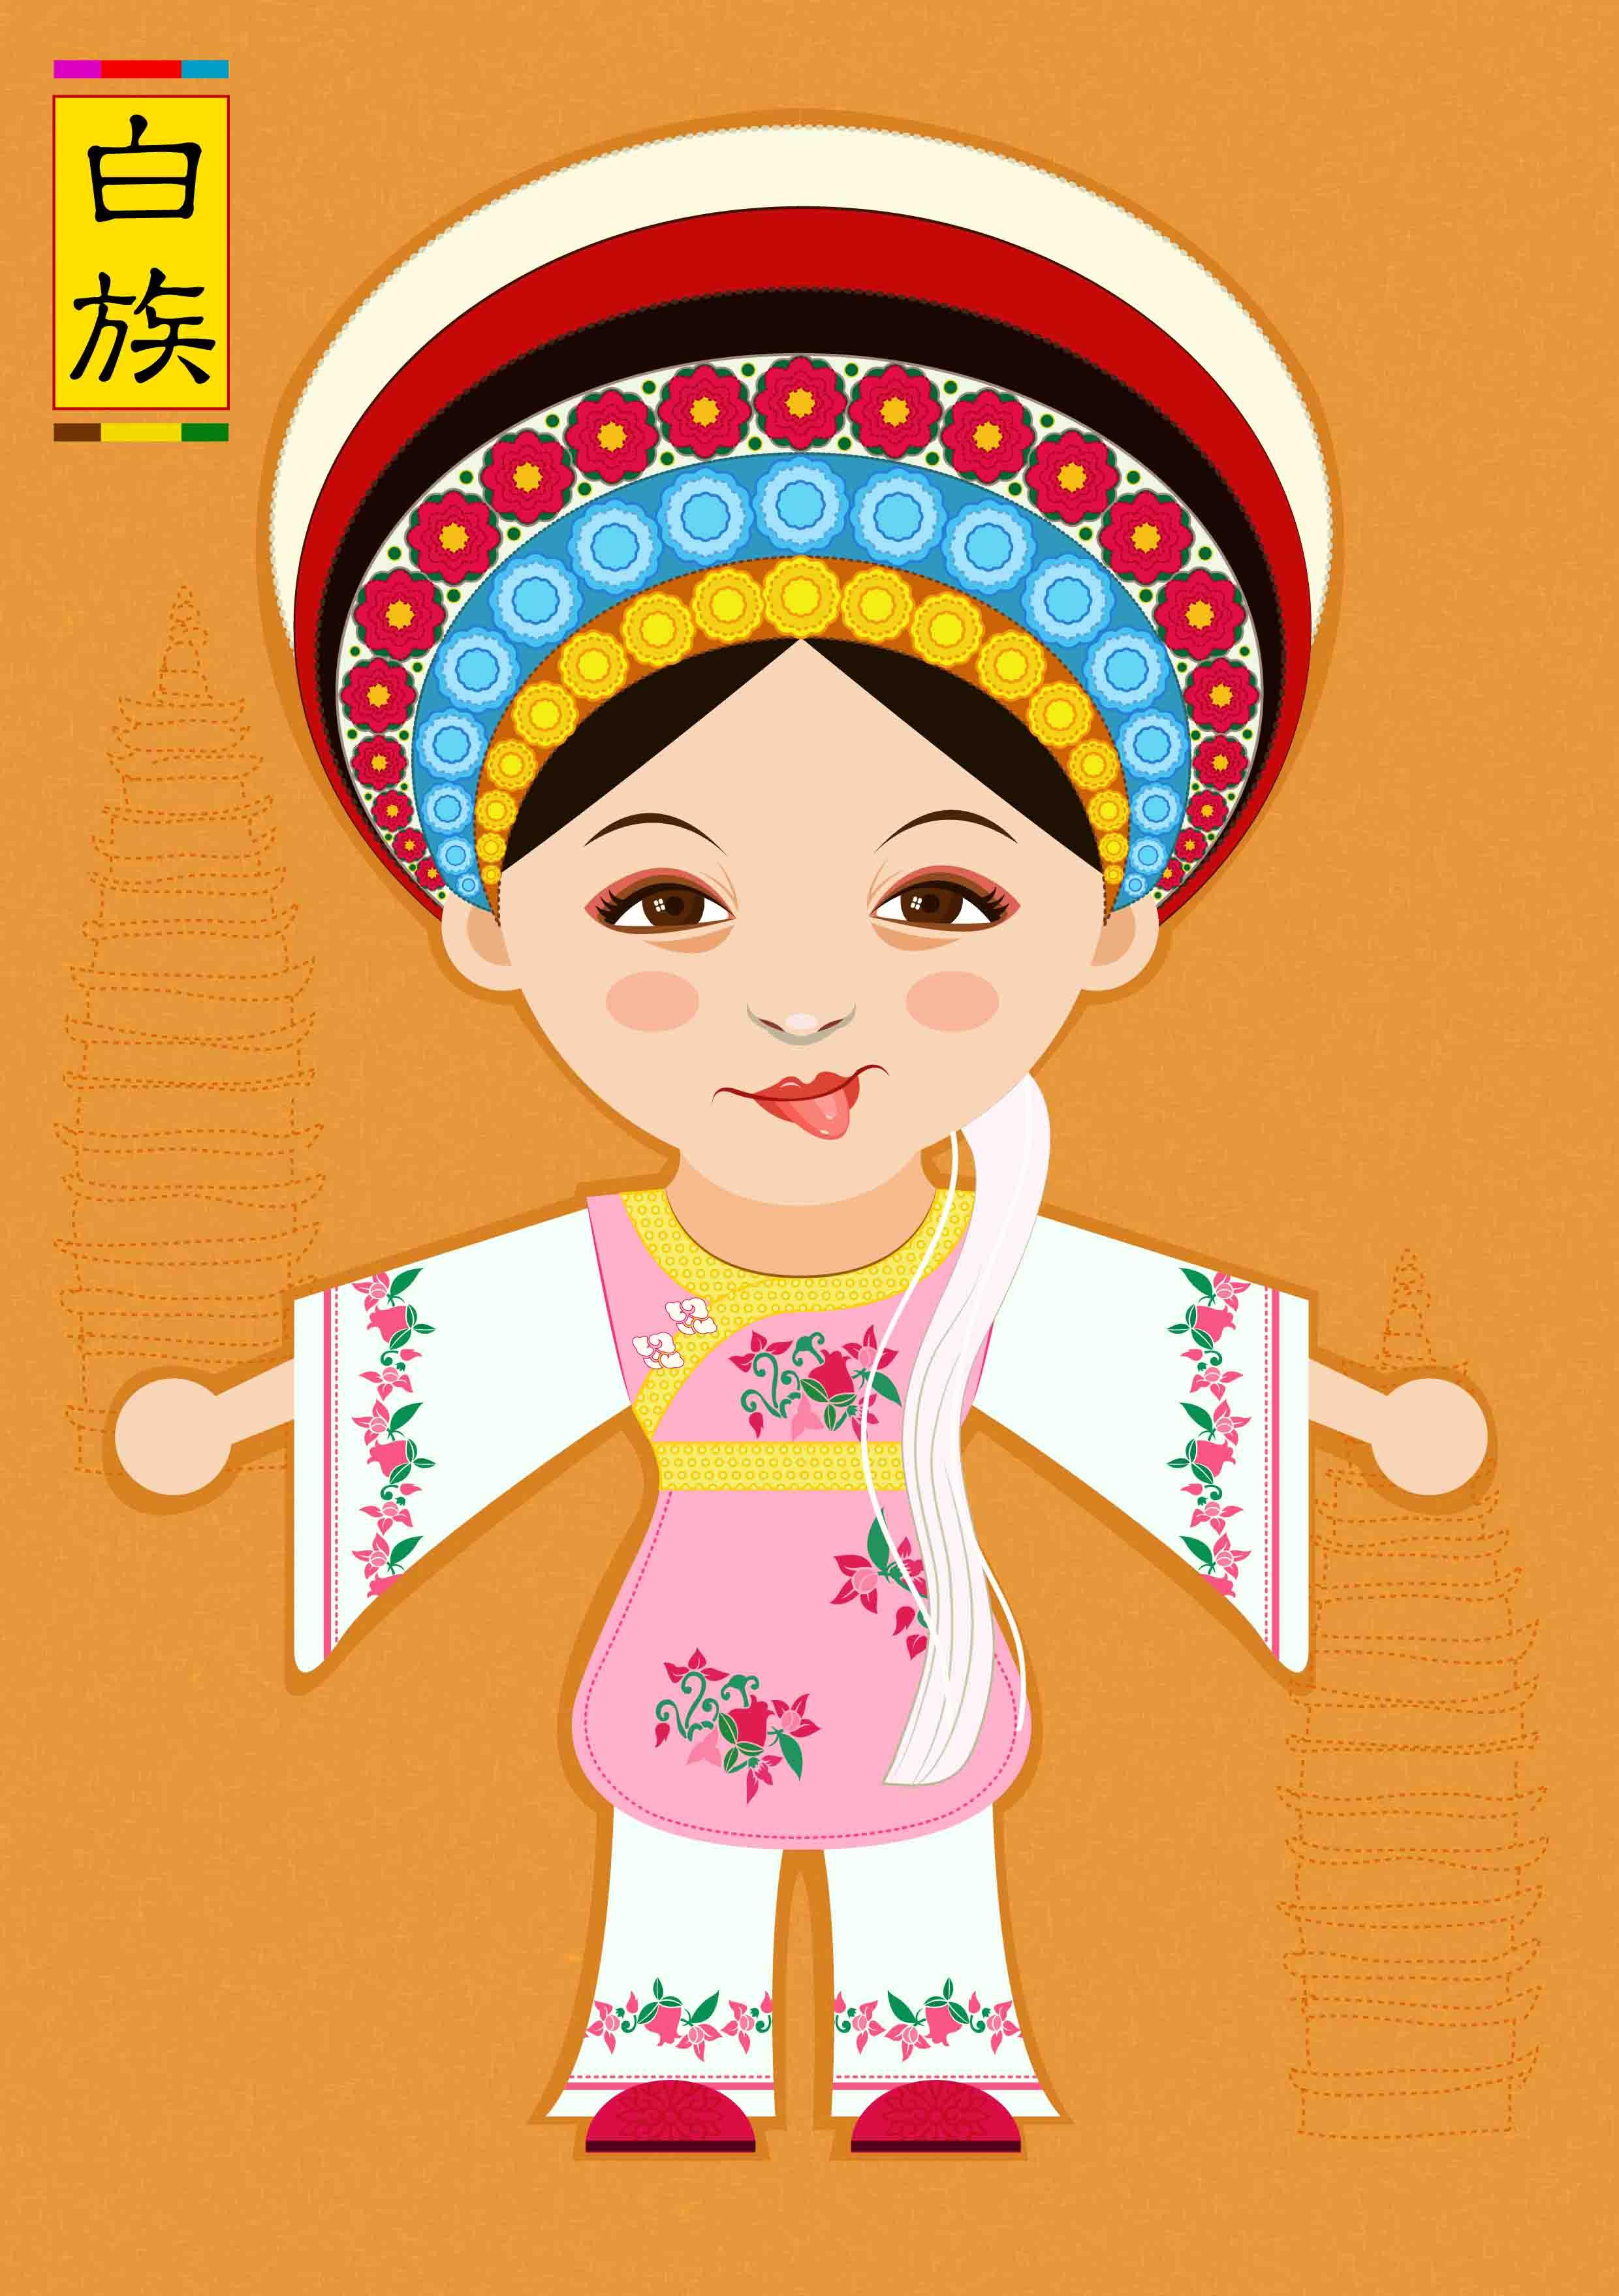 少数民族服饰推广·卡通人物形象设计|平面|图案|奶奶